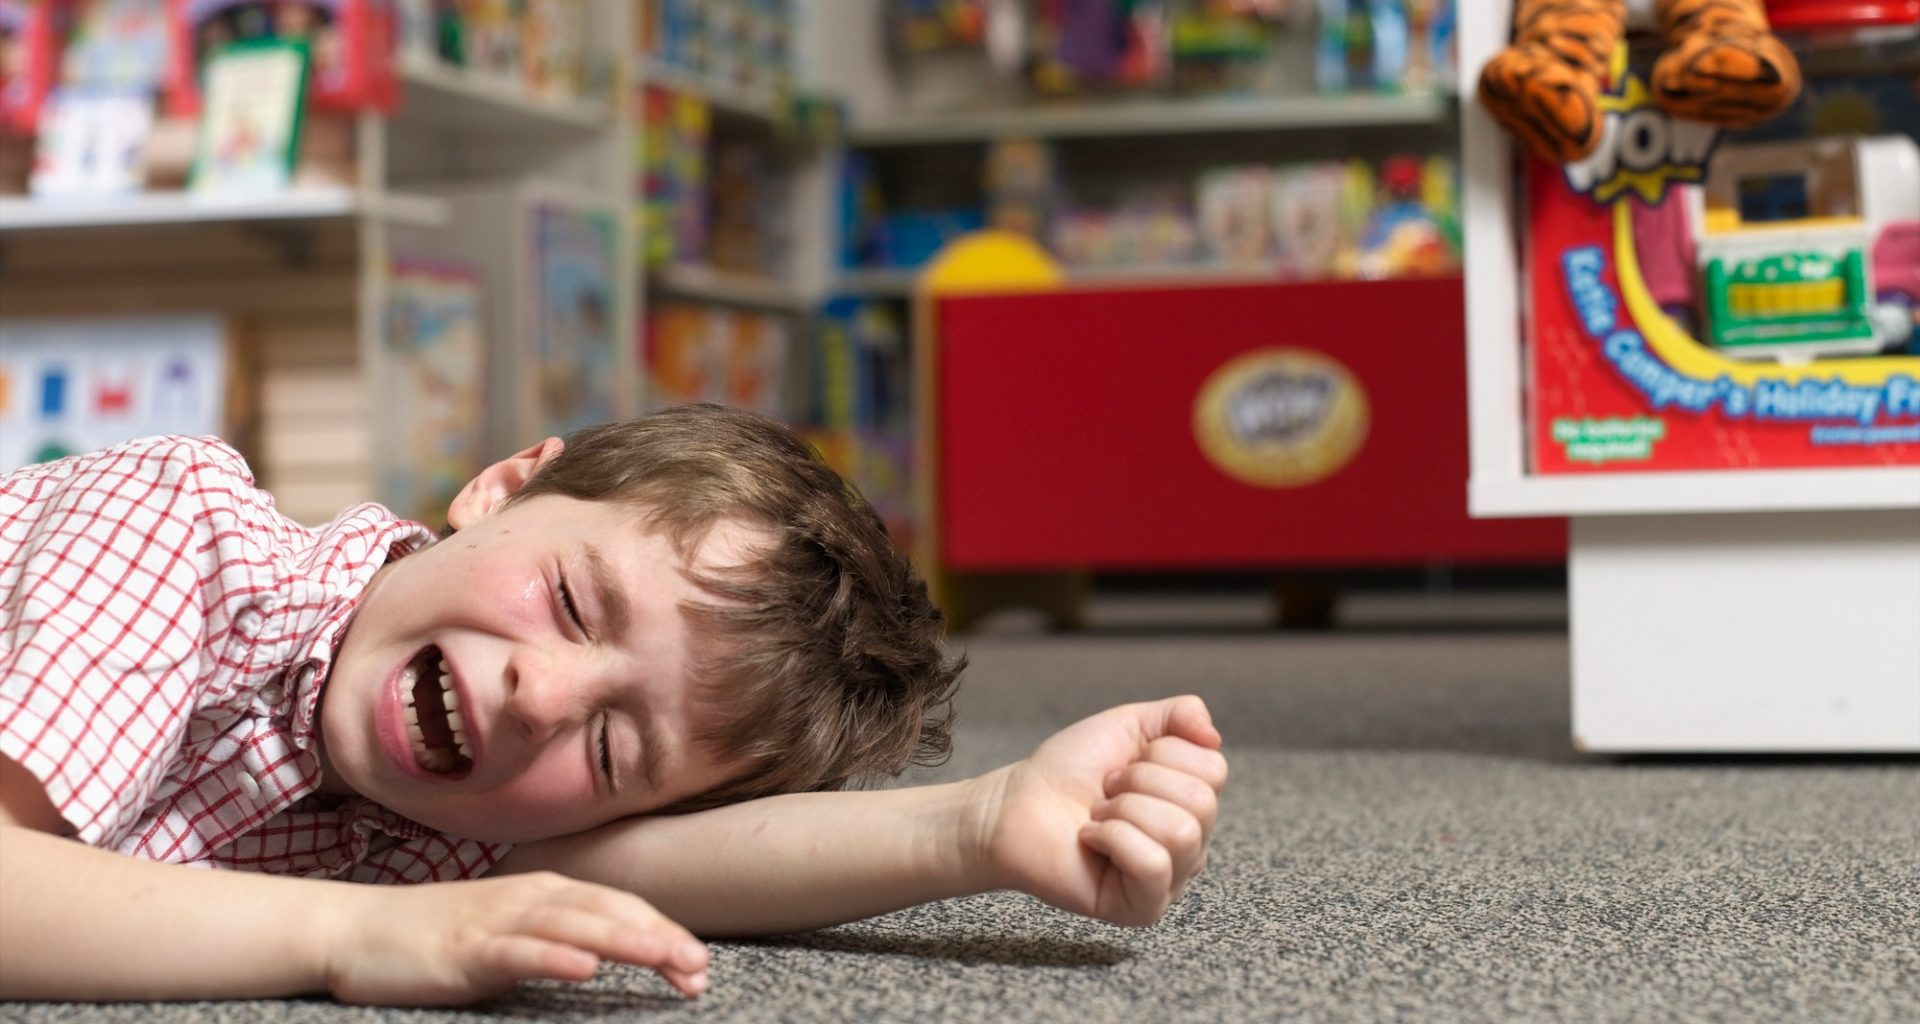 мальчик плачет на полу